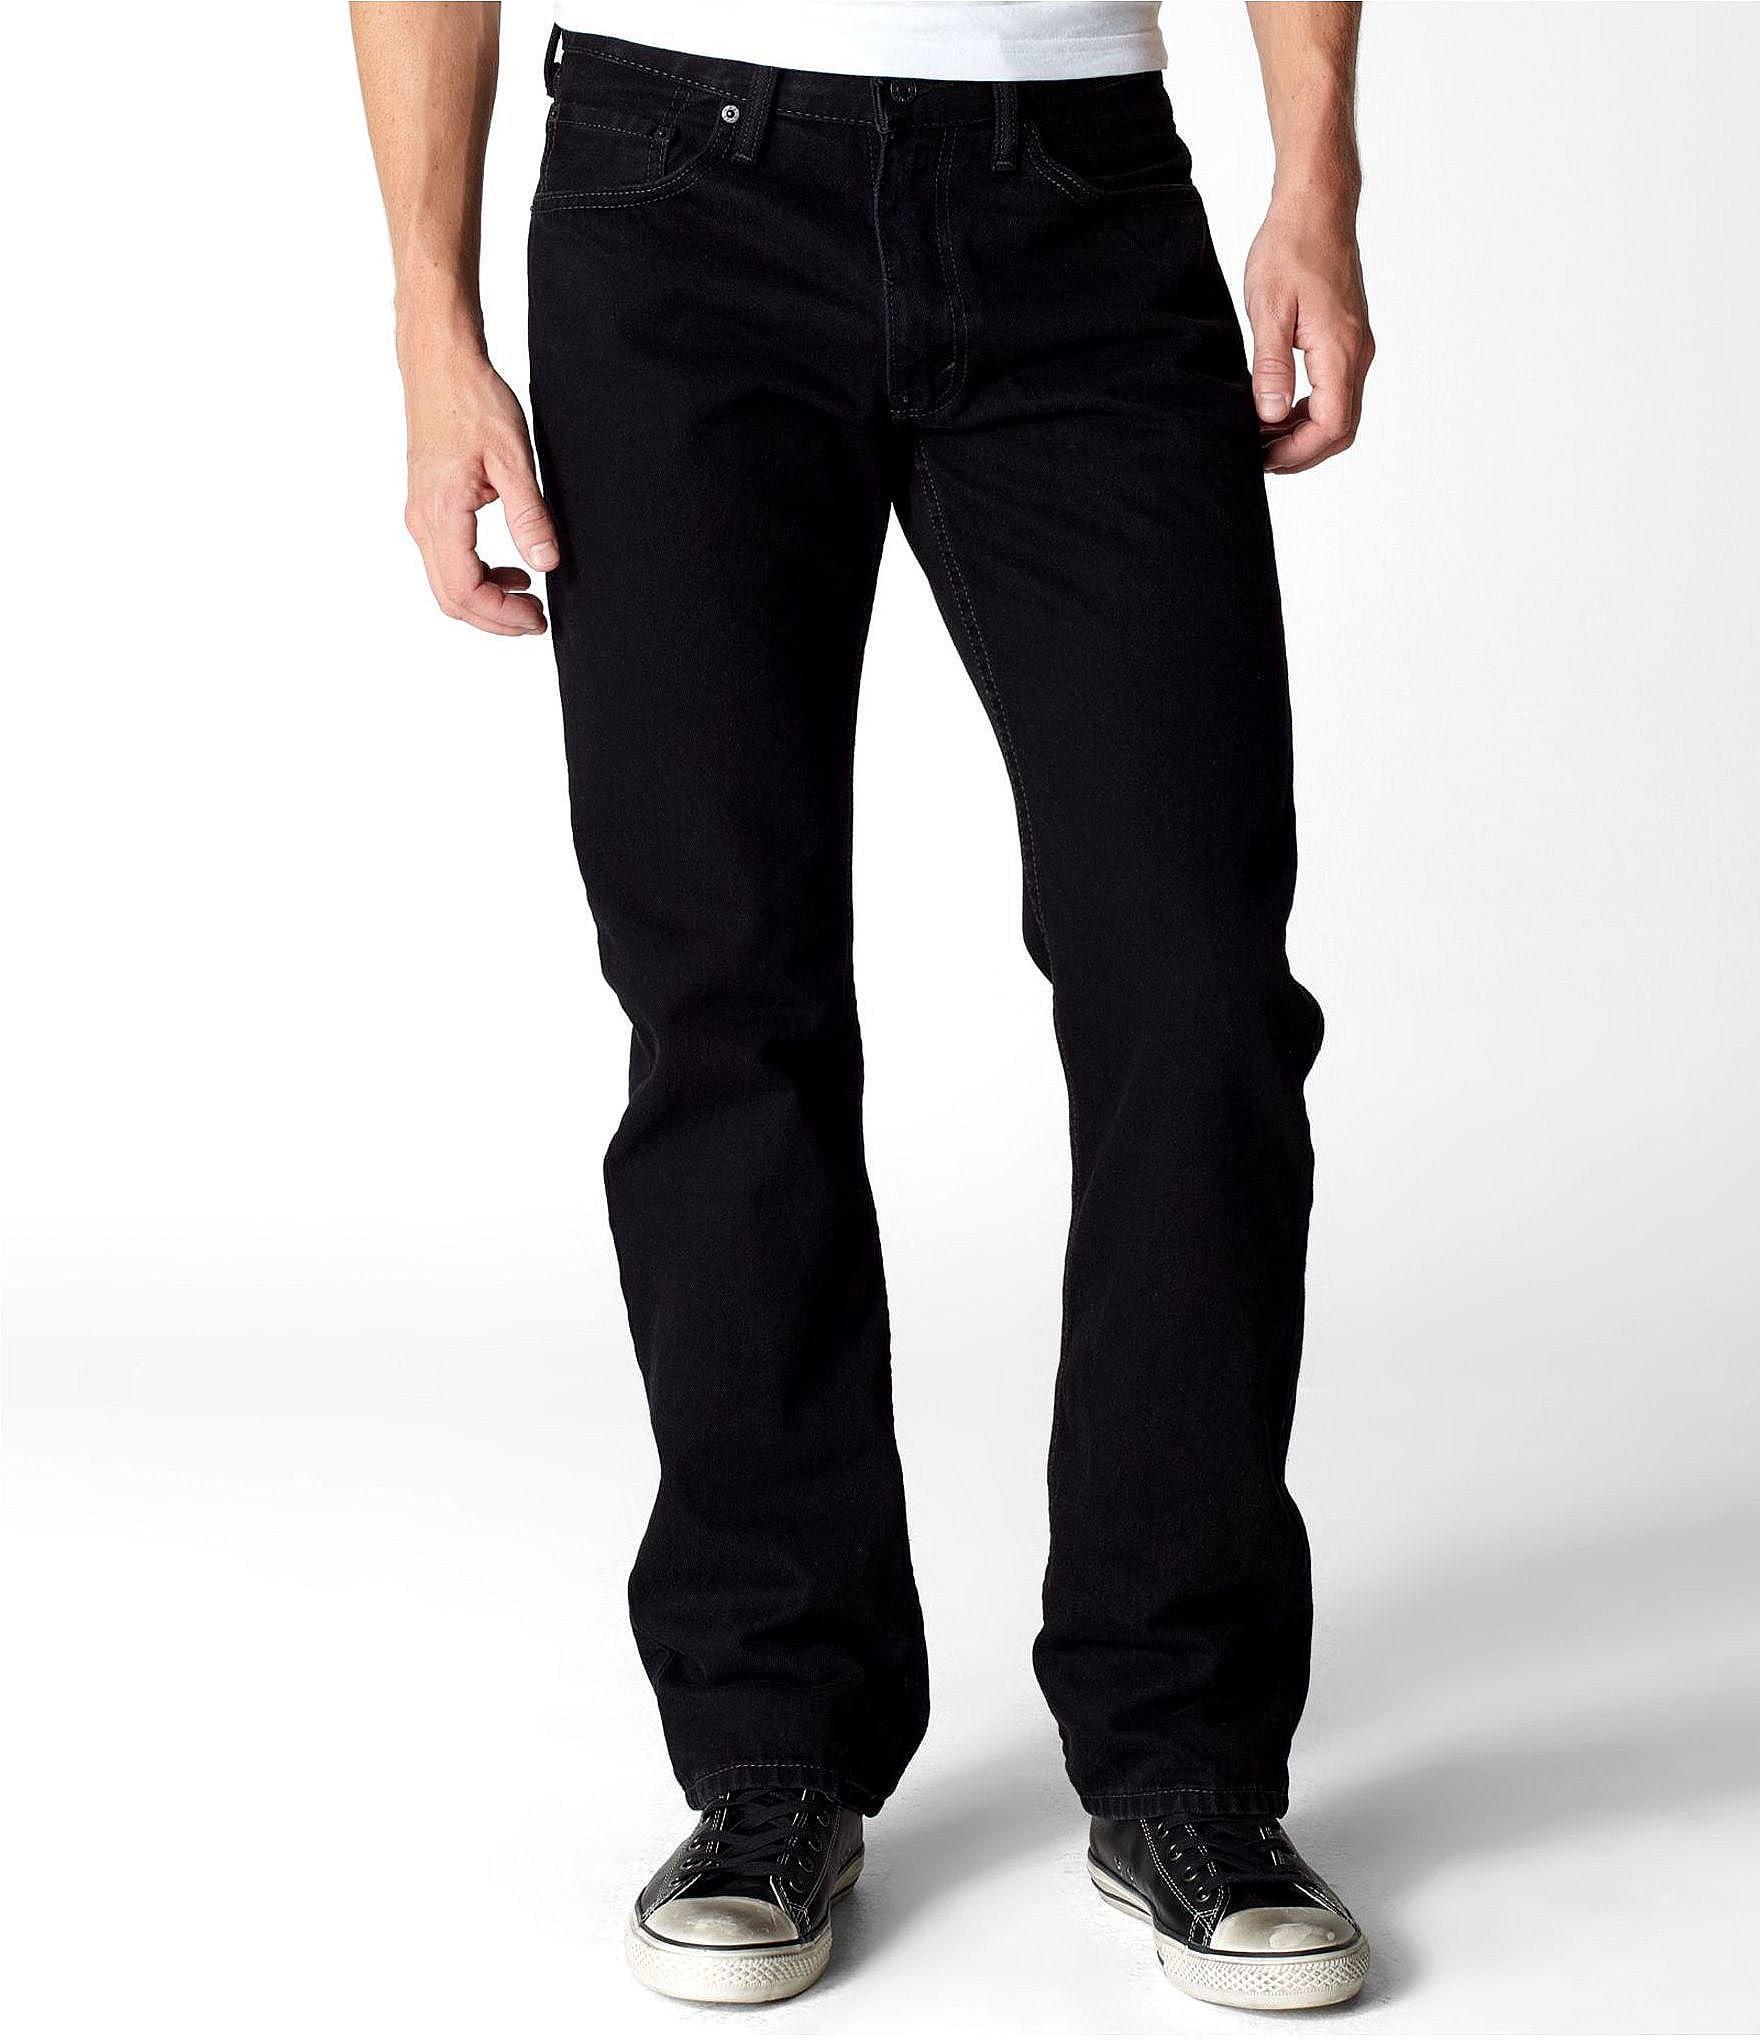 Levis 505 Jeans Men